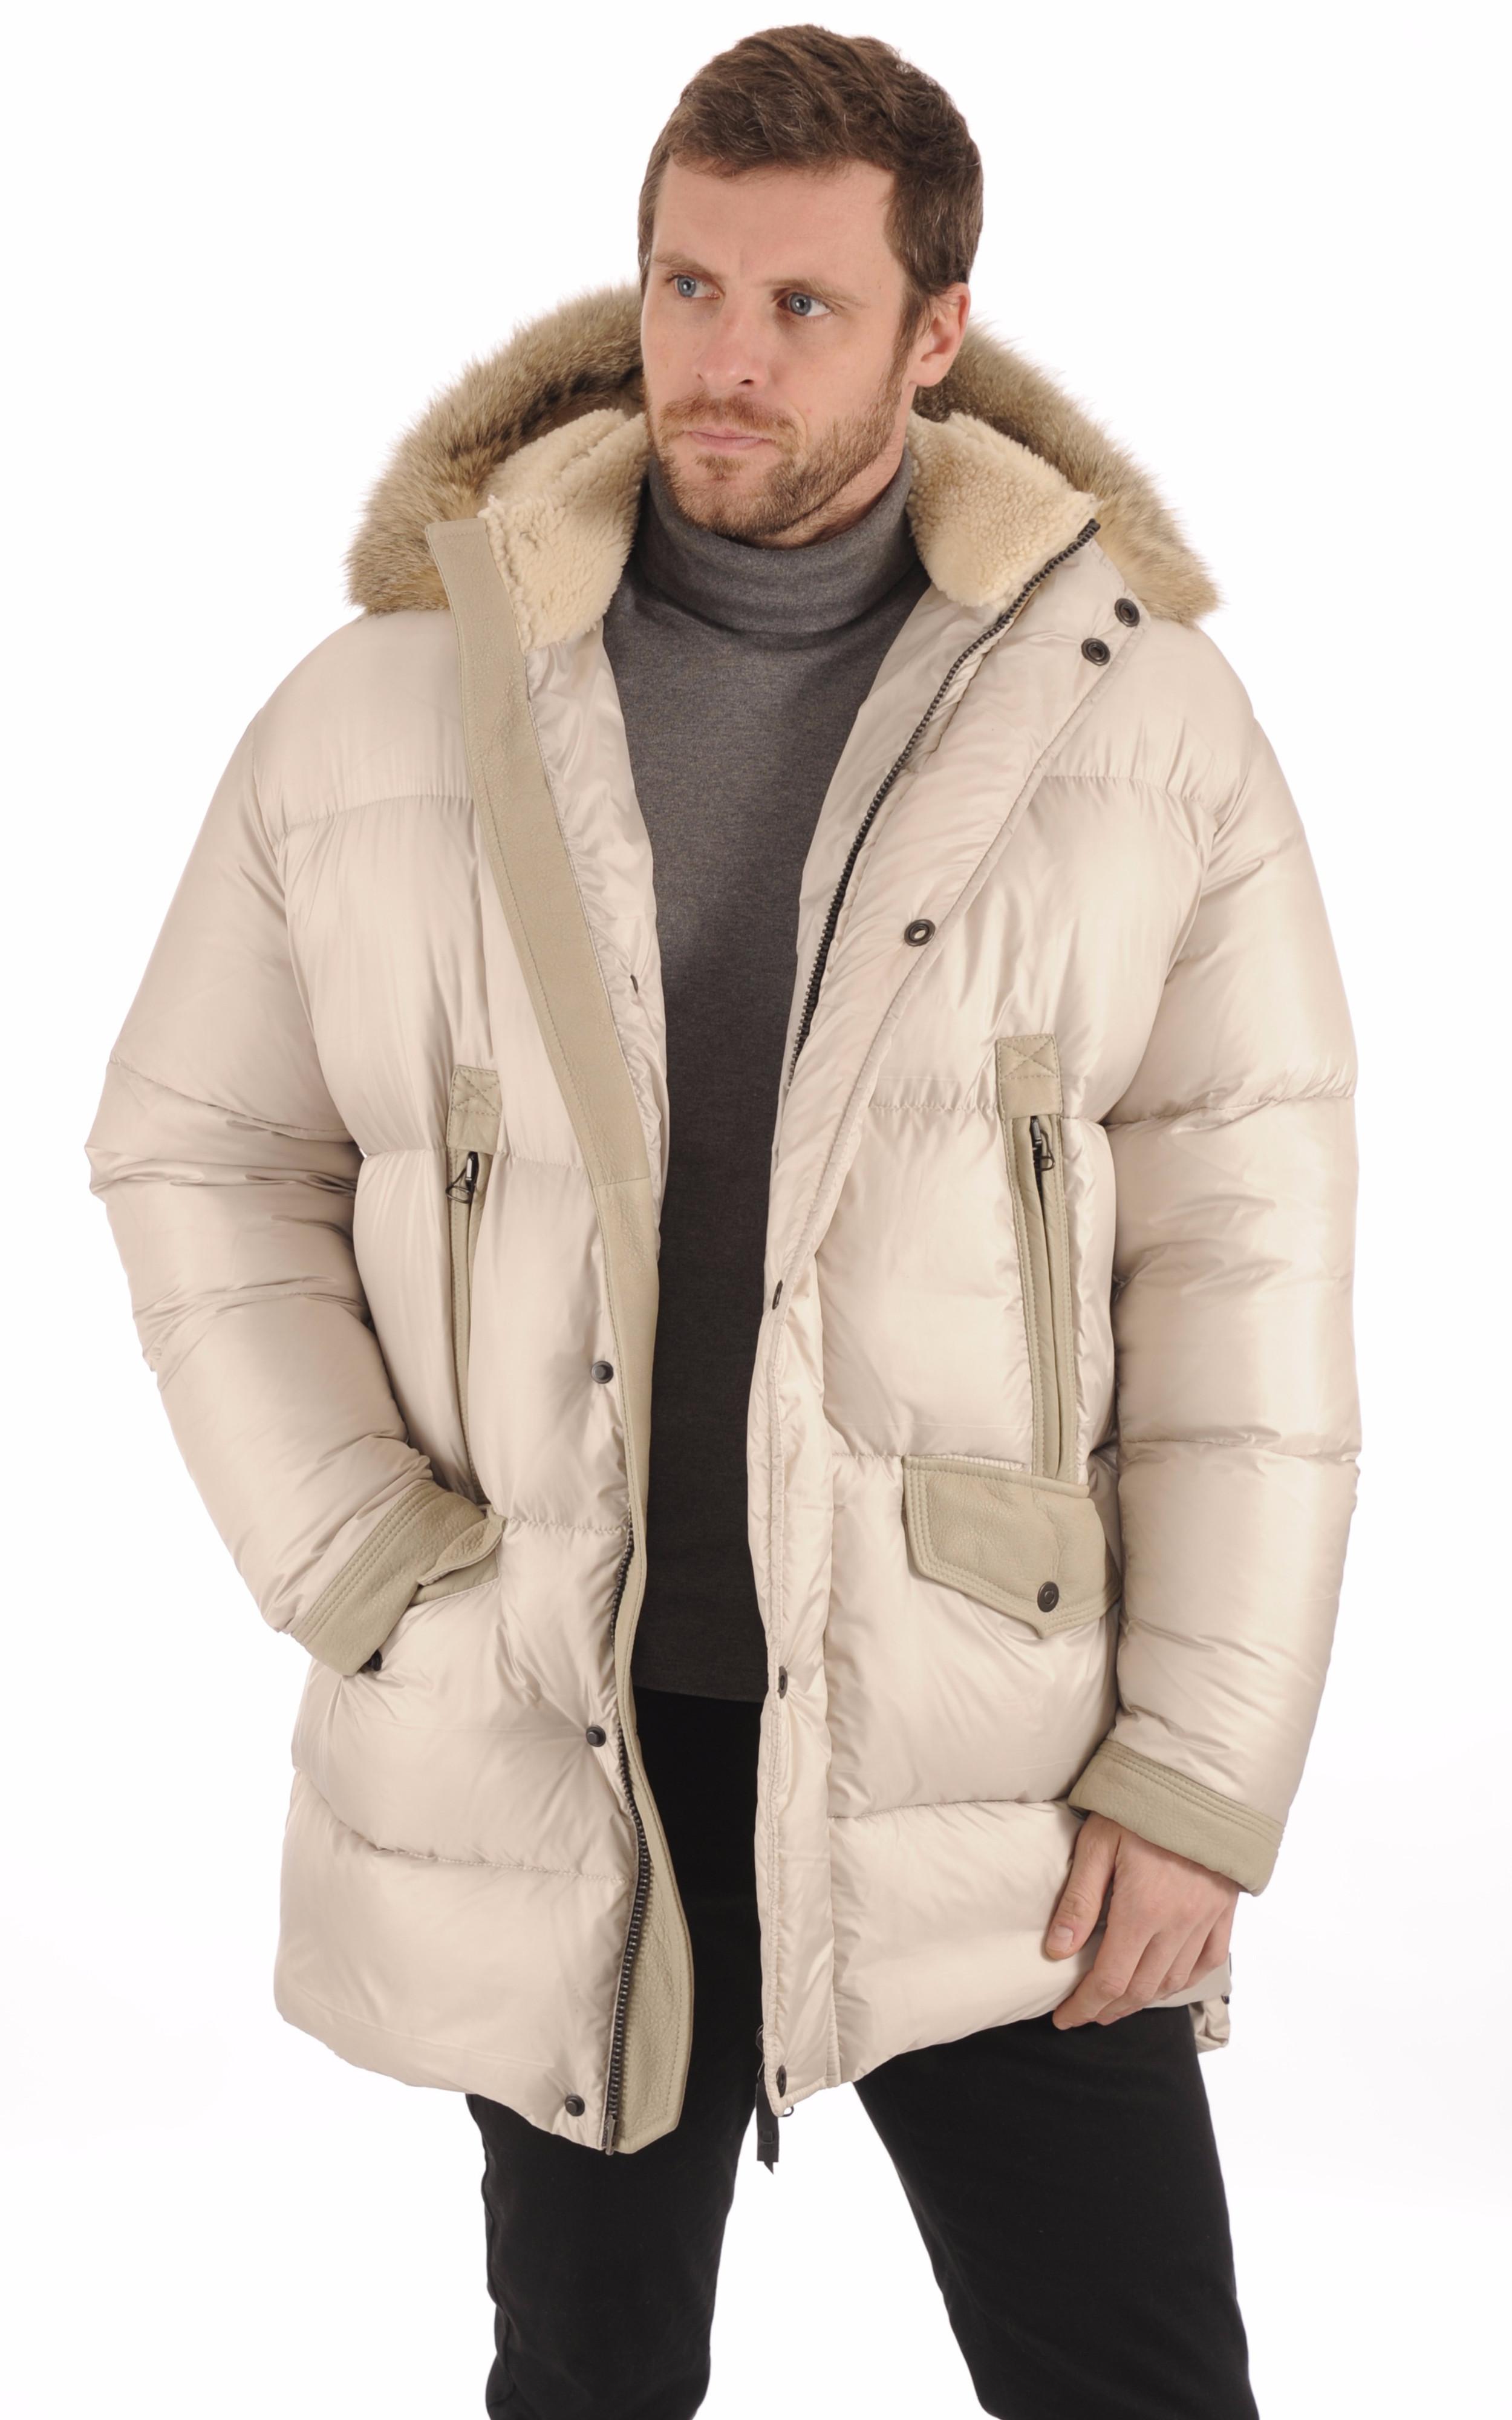 3/4 Doudoune Textile Homme La Canadienne